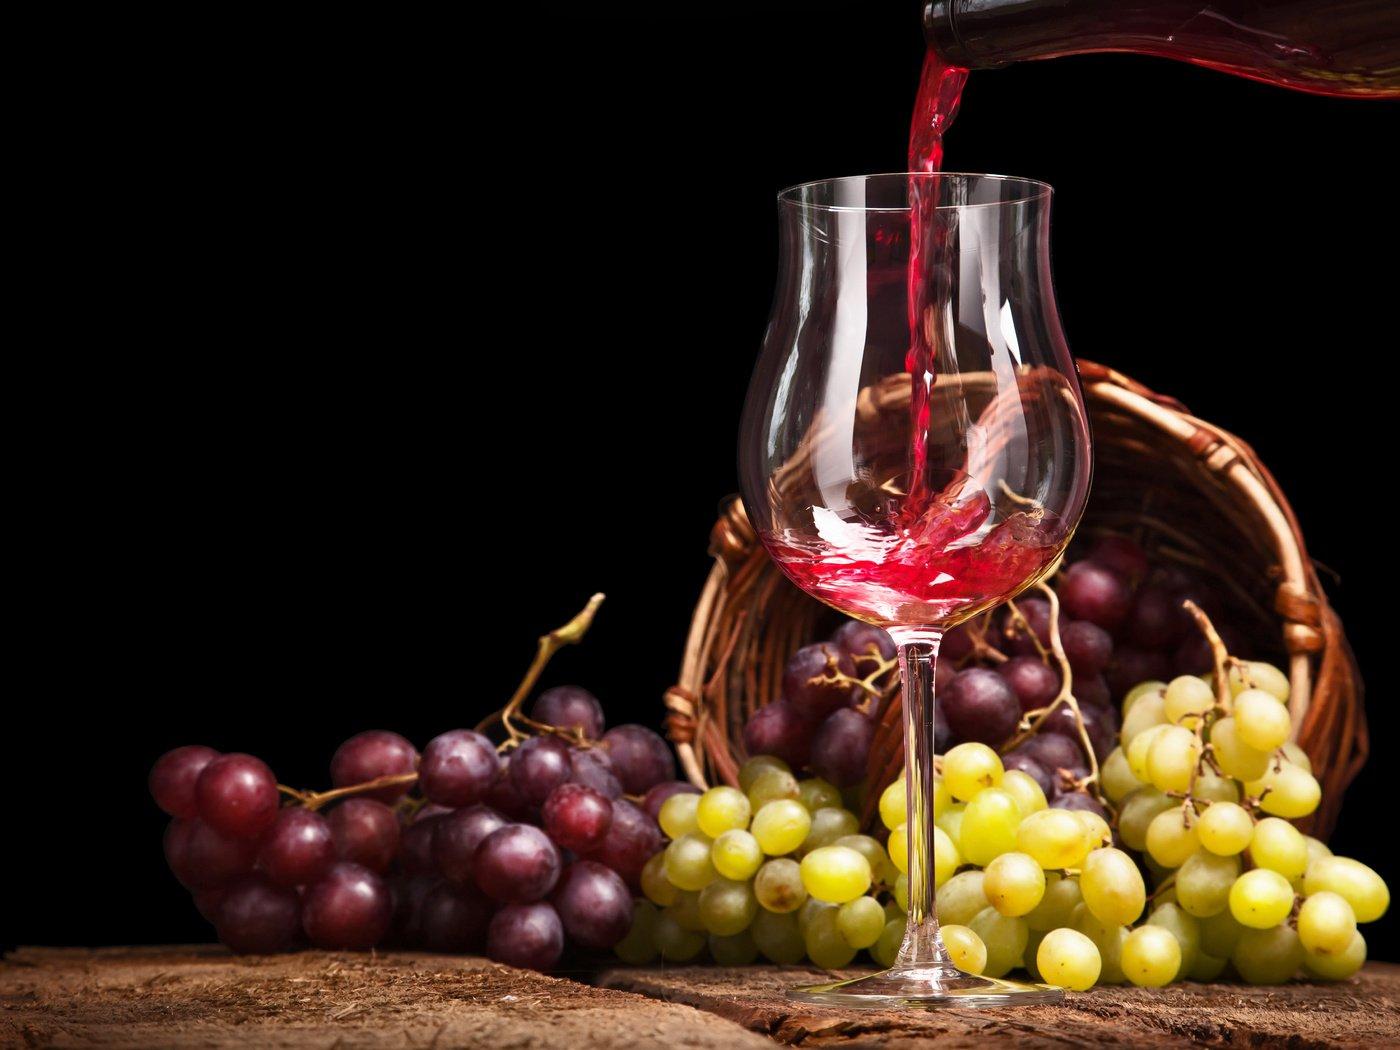 Картинки с вином и фруктами красивые, аистом новорожденной